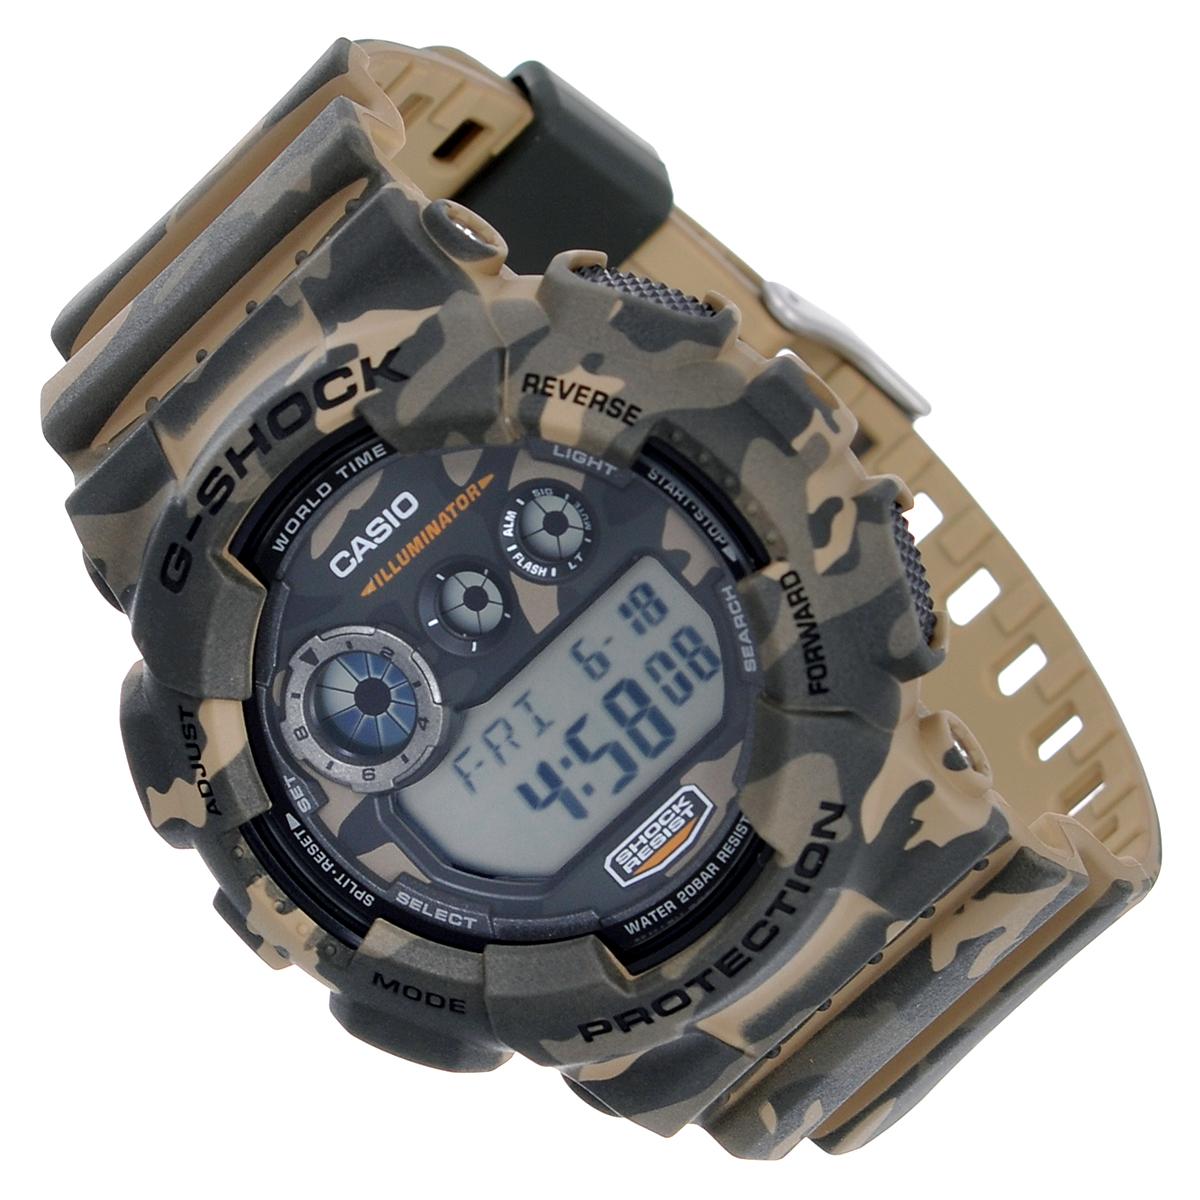 Часы мужские наручные Casio G-Shock, цвет: серый, камуфляж. GD-120CM-5EPGW60-XYX109 BlackСтильные часы G-Shock от японского брэнда Casio - это яркий функциональный аксессуар для современных людей, которые стремятся выделиться из толпы и подчеркнуть свою индивидуальность. Часы выполнены в спортивном стиле. Корпус имеет ударопрочную конструкцию, защищающую механизм от ударов и вибрации. Циферблат подсвечивается светодиодной автоматической подсветкой. При движении руки дисплей освещается ярким светом. Ремешок из мягкого пластика имеет классическую застежку.Основные функции: -5 будильников, один из которых с функцией Snooze, ежечасный сигнал; -автоматический календарь (число, месяц, день недели, год); -сплит-хронограф; -секундомер с точностью показаний 1/100 с, время измерения 24 часа; -12-ти и 24-х часовой формат времени; -таймер обратного отсчета от 1 мин до 24 ч; -мировое время; -функция включения/отключения звука.Часы упакованы в фирменную коробку с логотипом Casio. Такой аксессуар добавит вашему образу стиля и подчеркнет безупречный вкус своего владельца.Характеристики: Диаметр циферблата: 3,7 см.Размер корпуса: 5,8 см х 5,4 см х 2 см.Длина ремешка (с корпусом): 25,5 см.Ширина ремешка: 2,2 см. STAINLESS STELL BACK MADE IN CHINA EL.